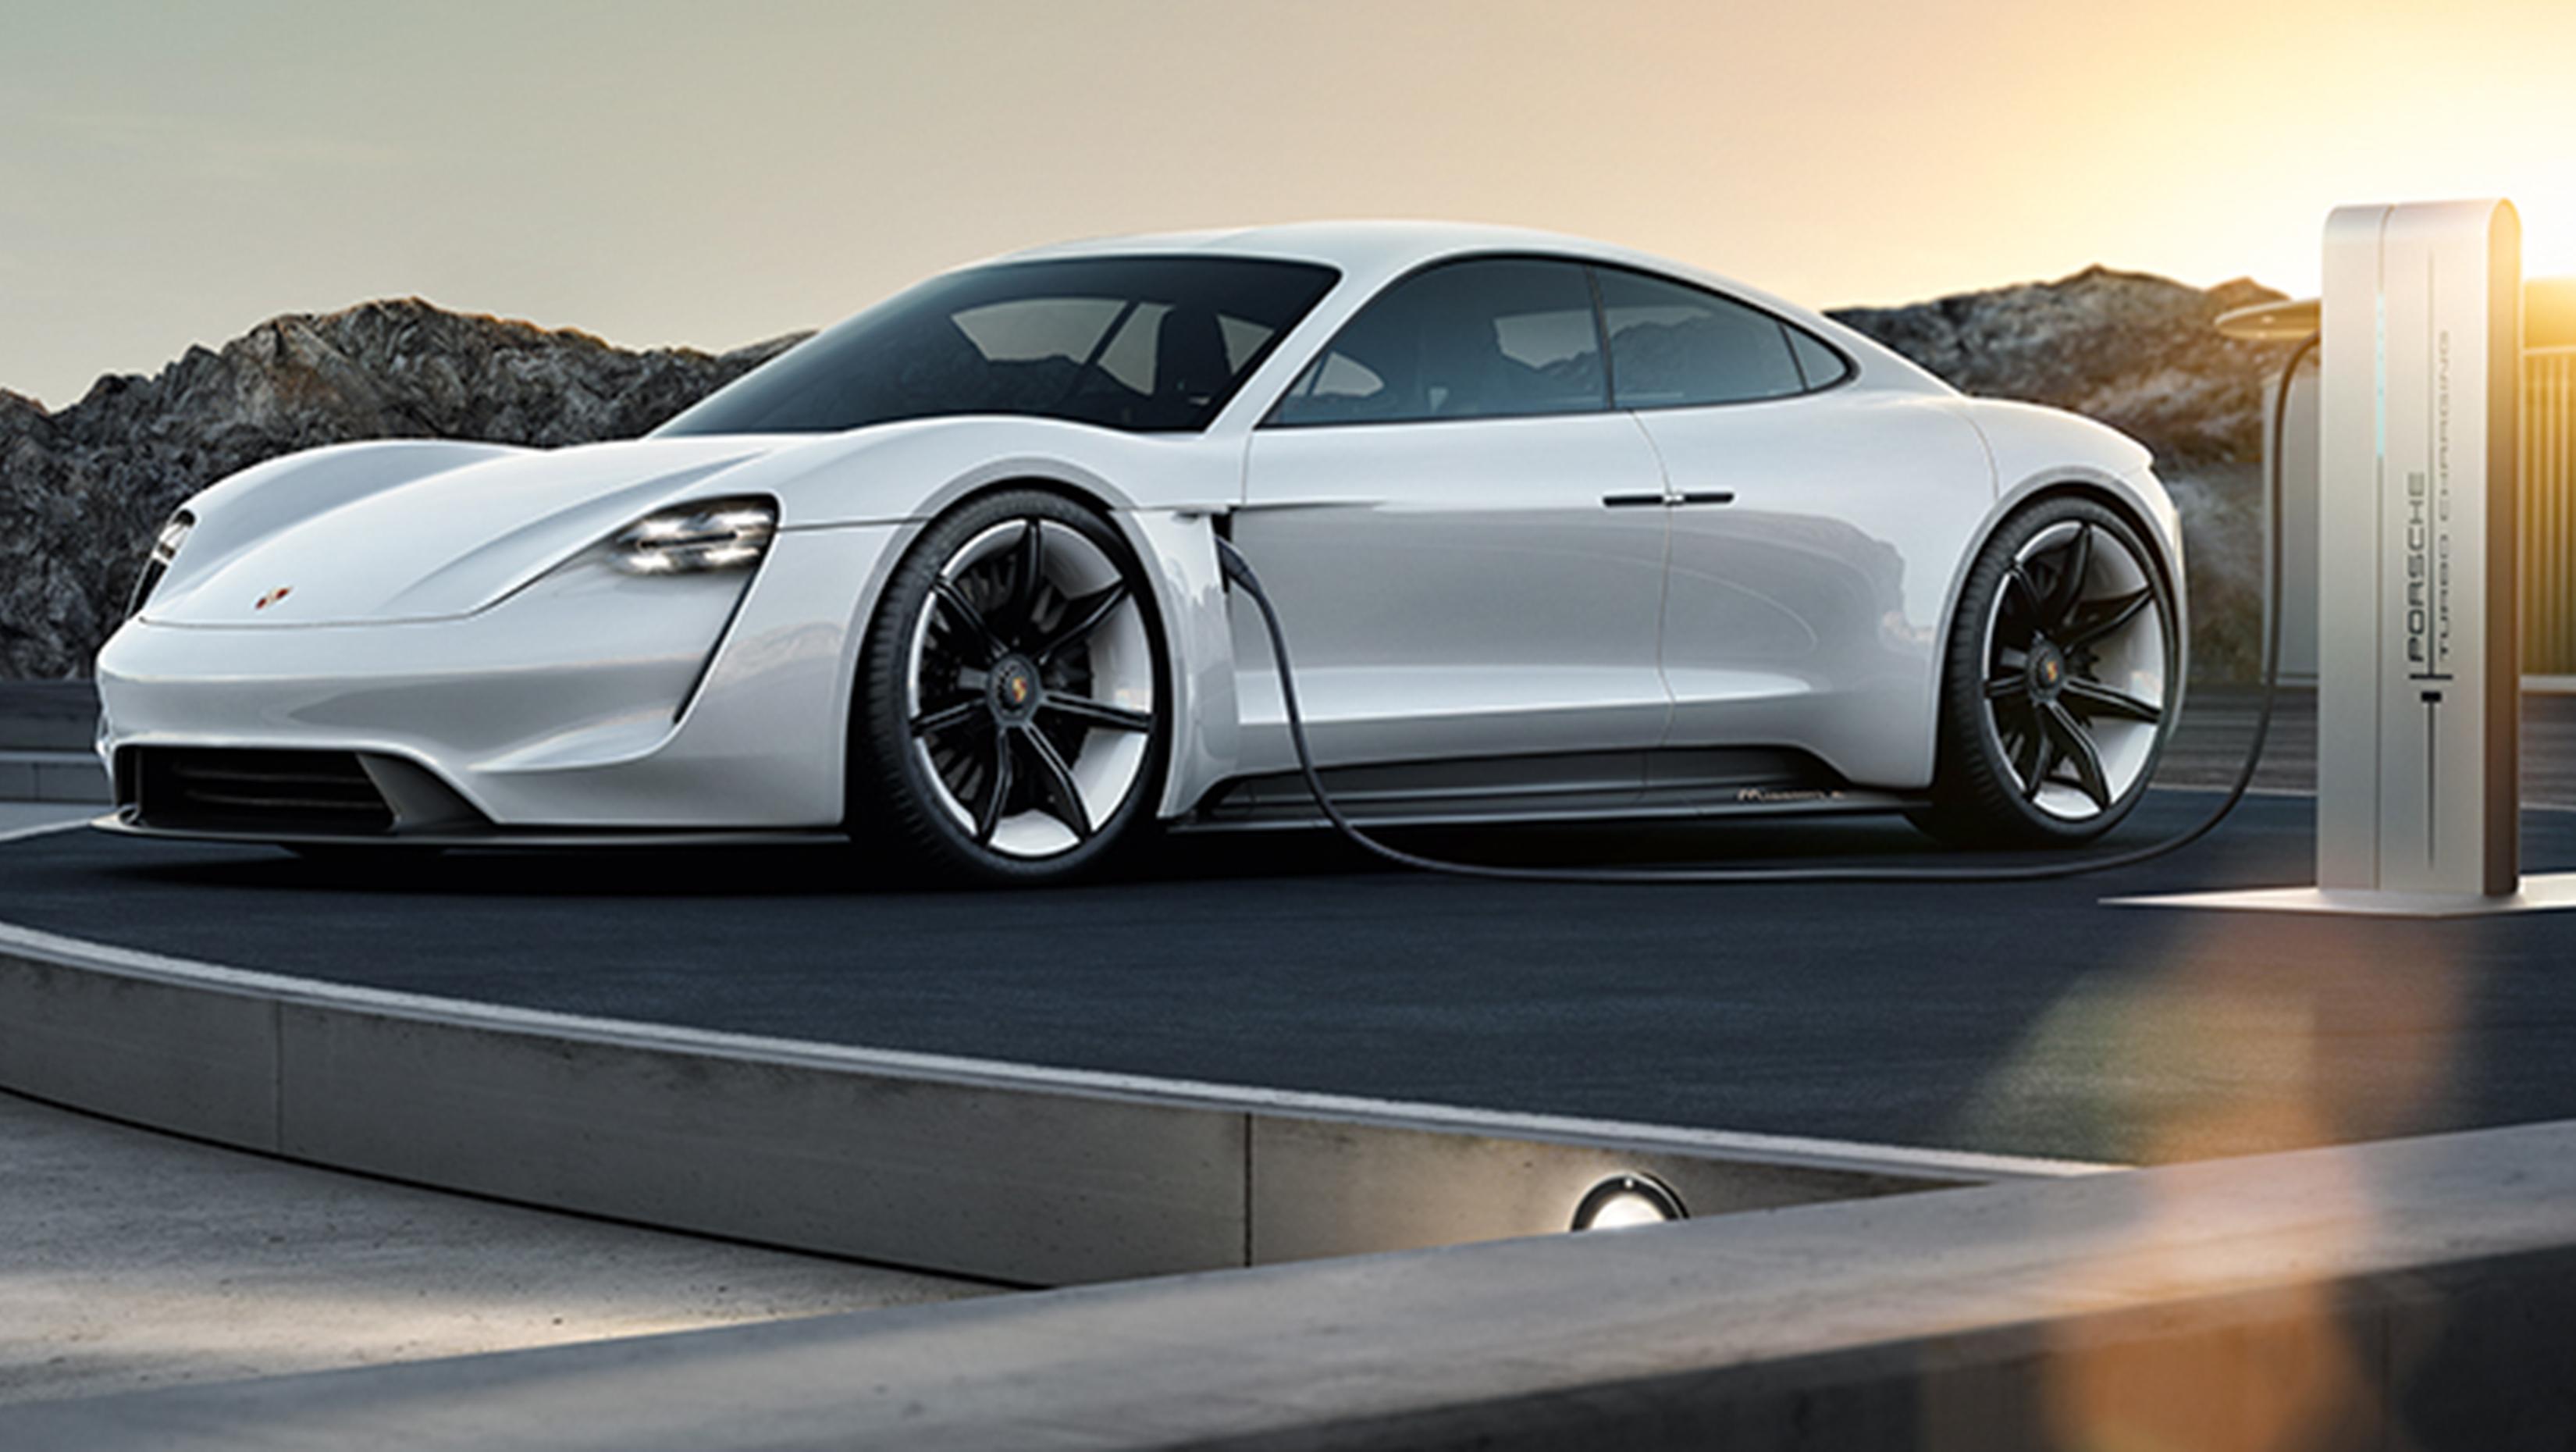 The Porsche Mission E all-electric concept car.